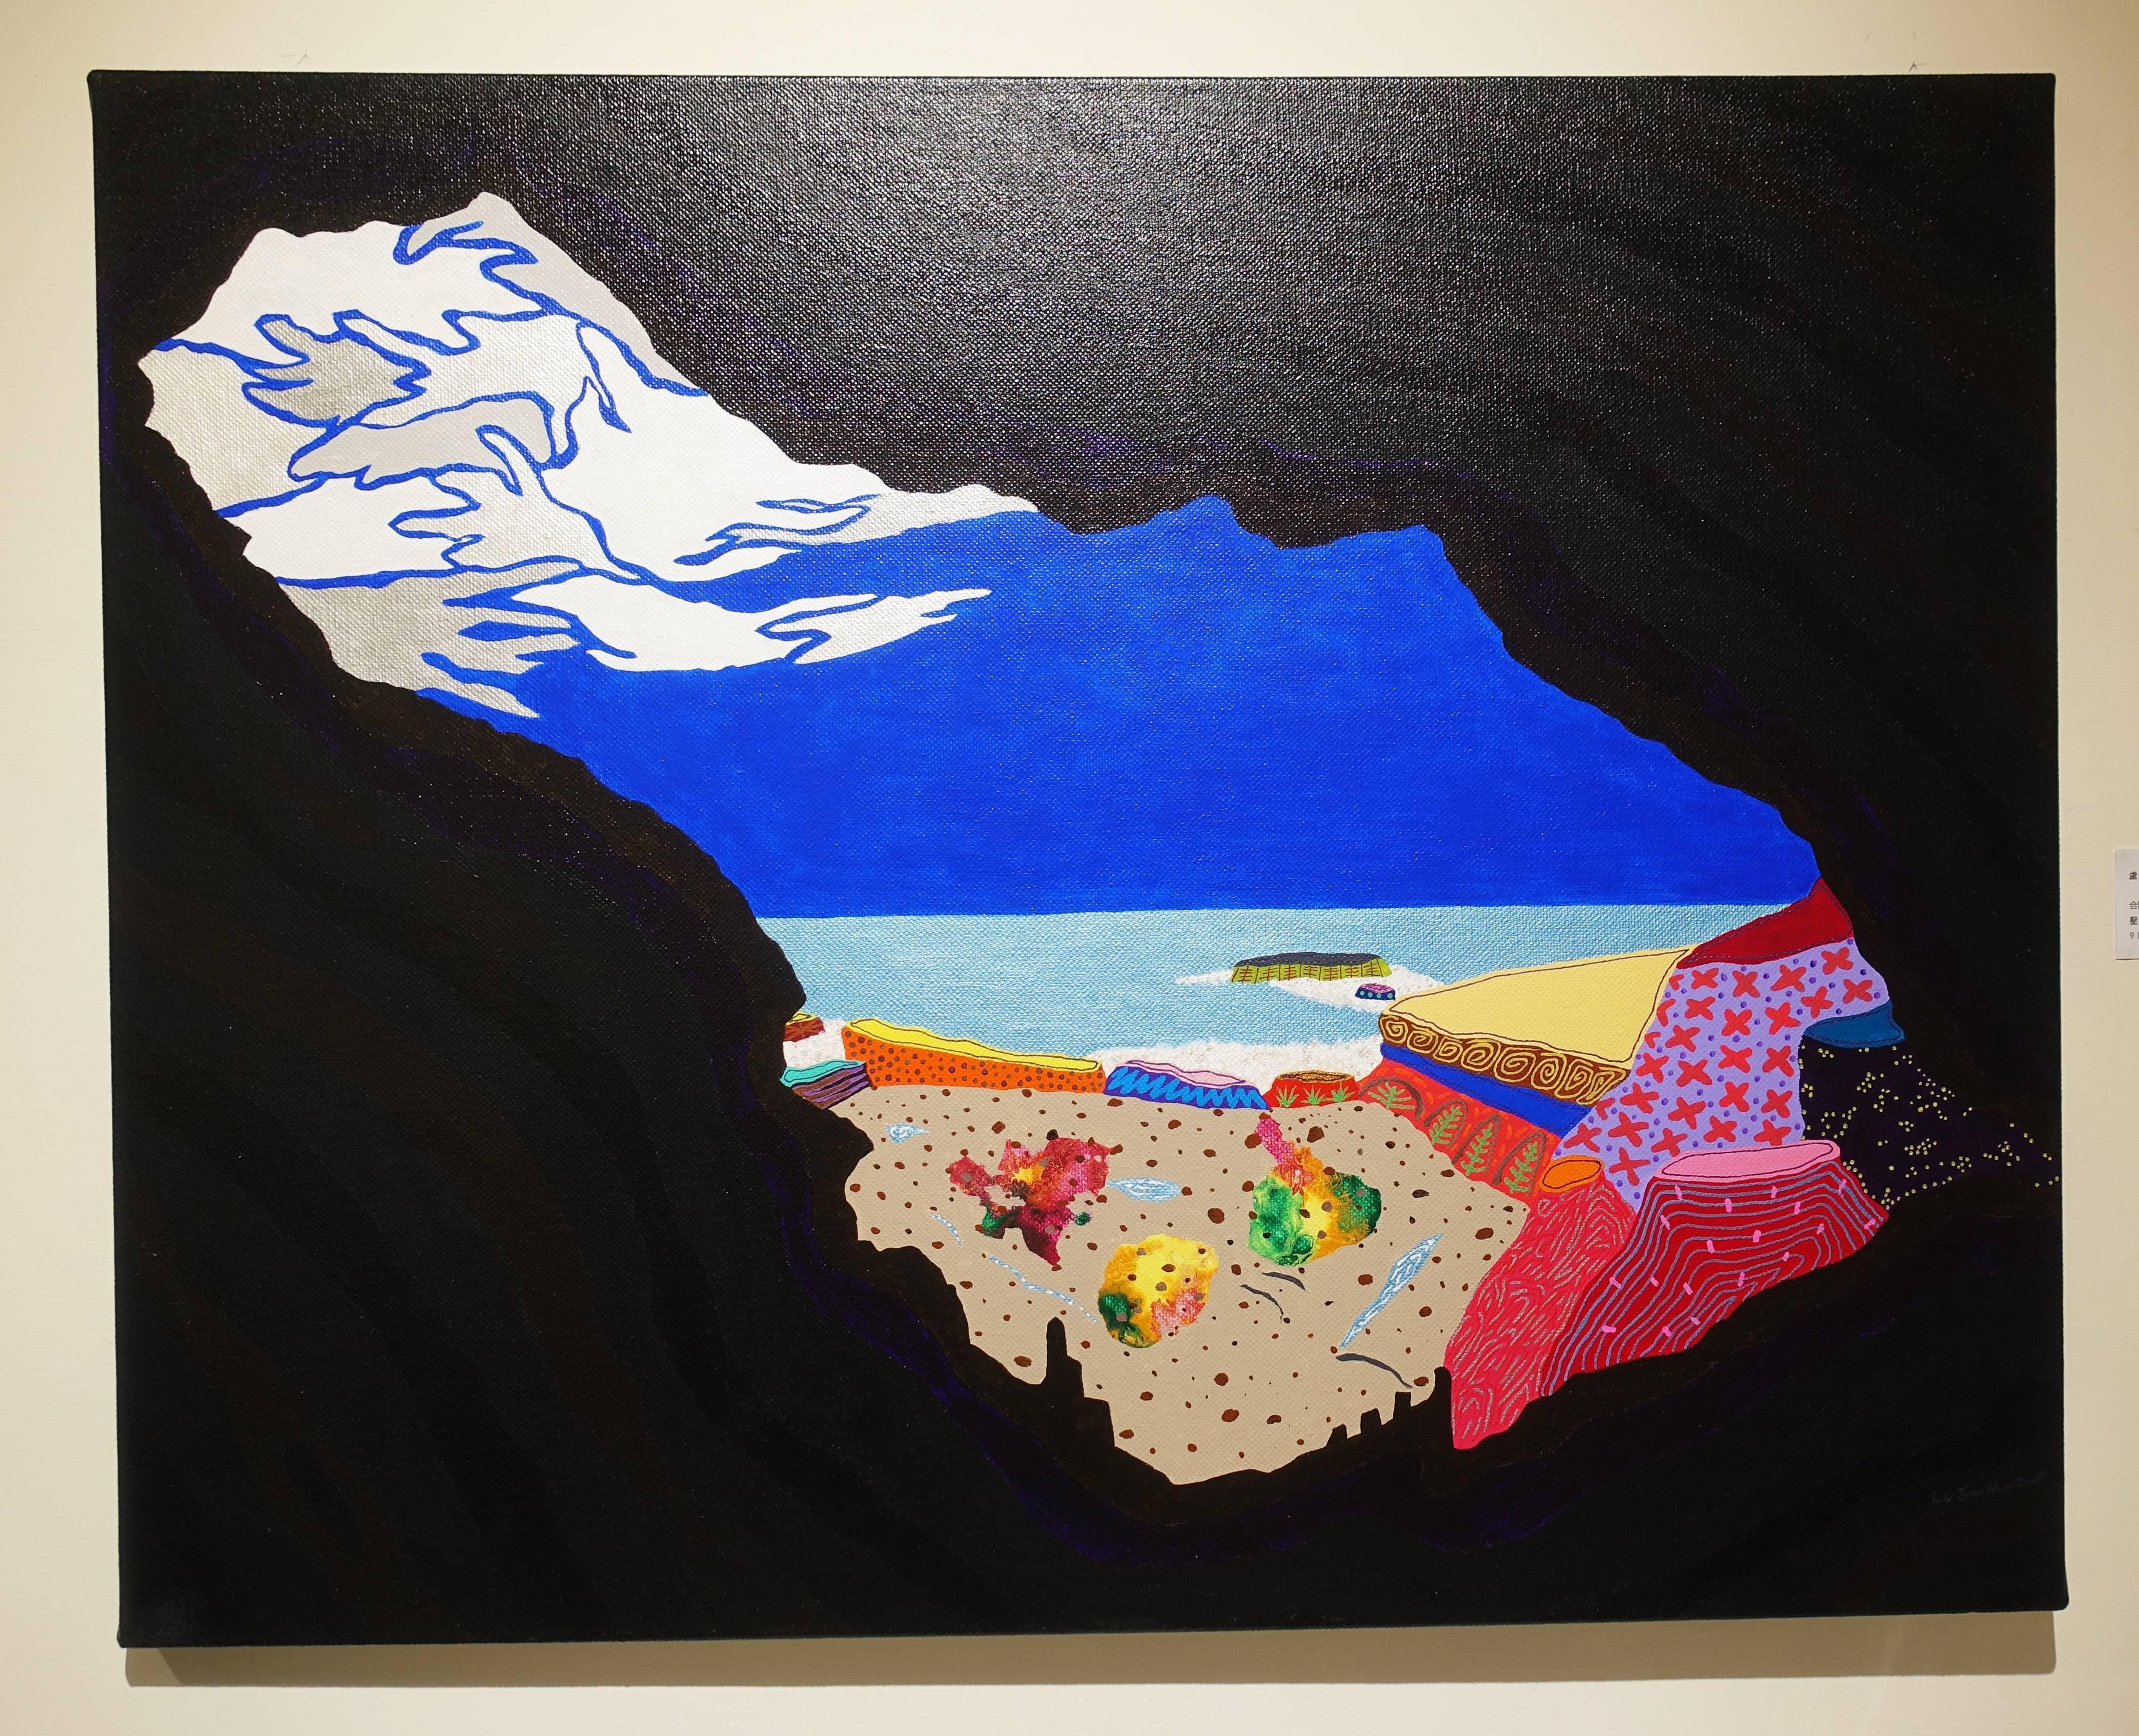 盧俊翰,《合歡洞》,91 x 72.5 cm,壓克力,2019。